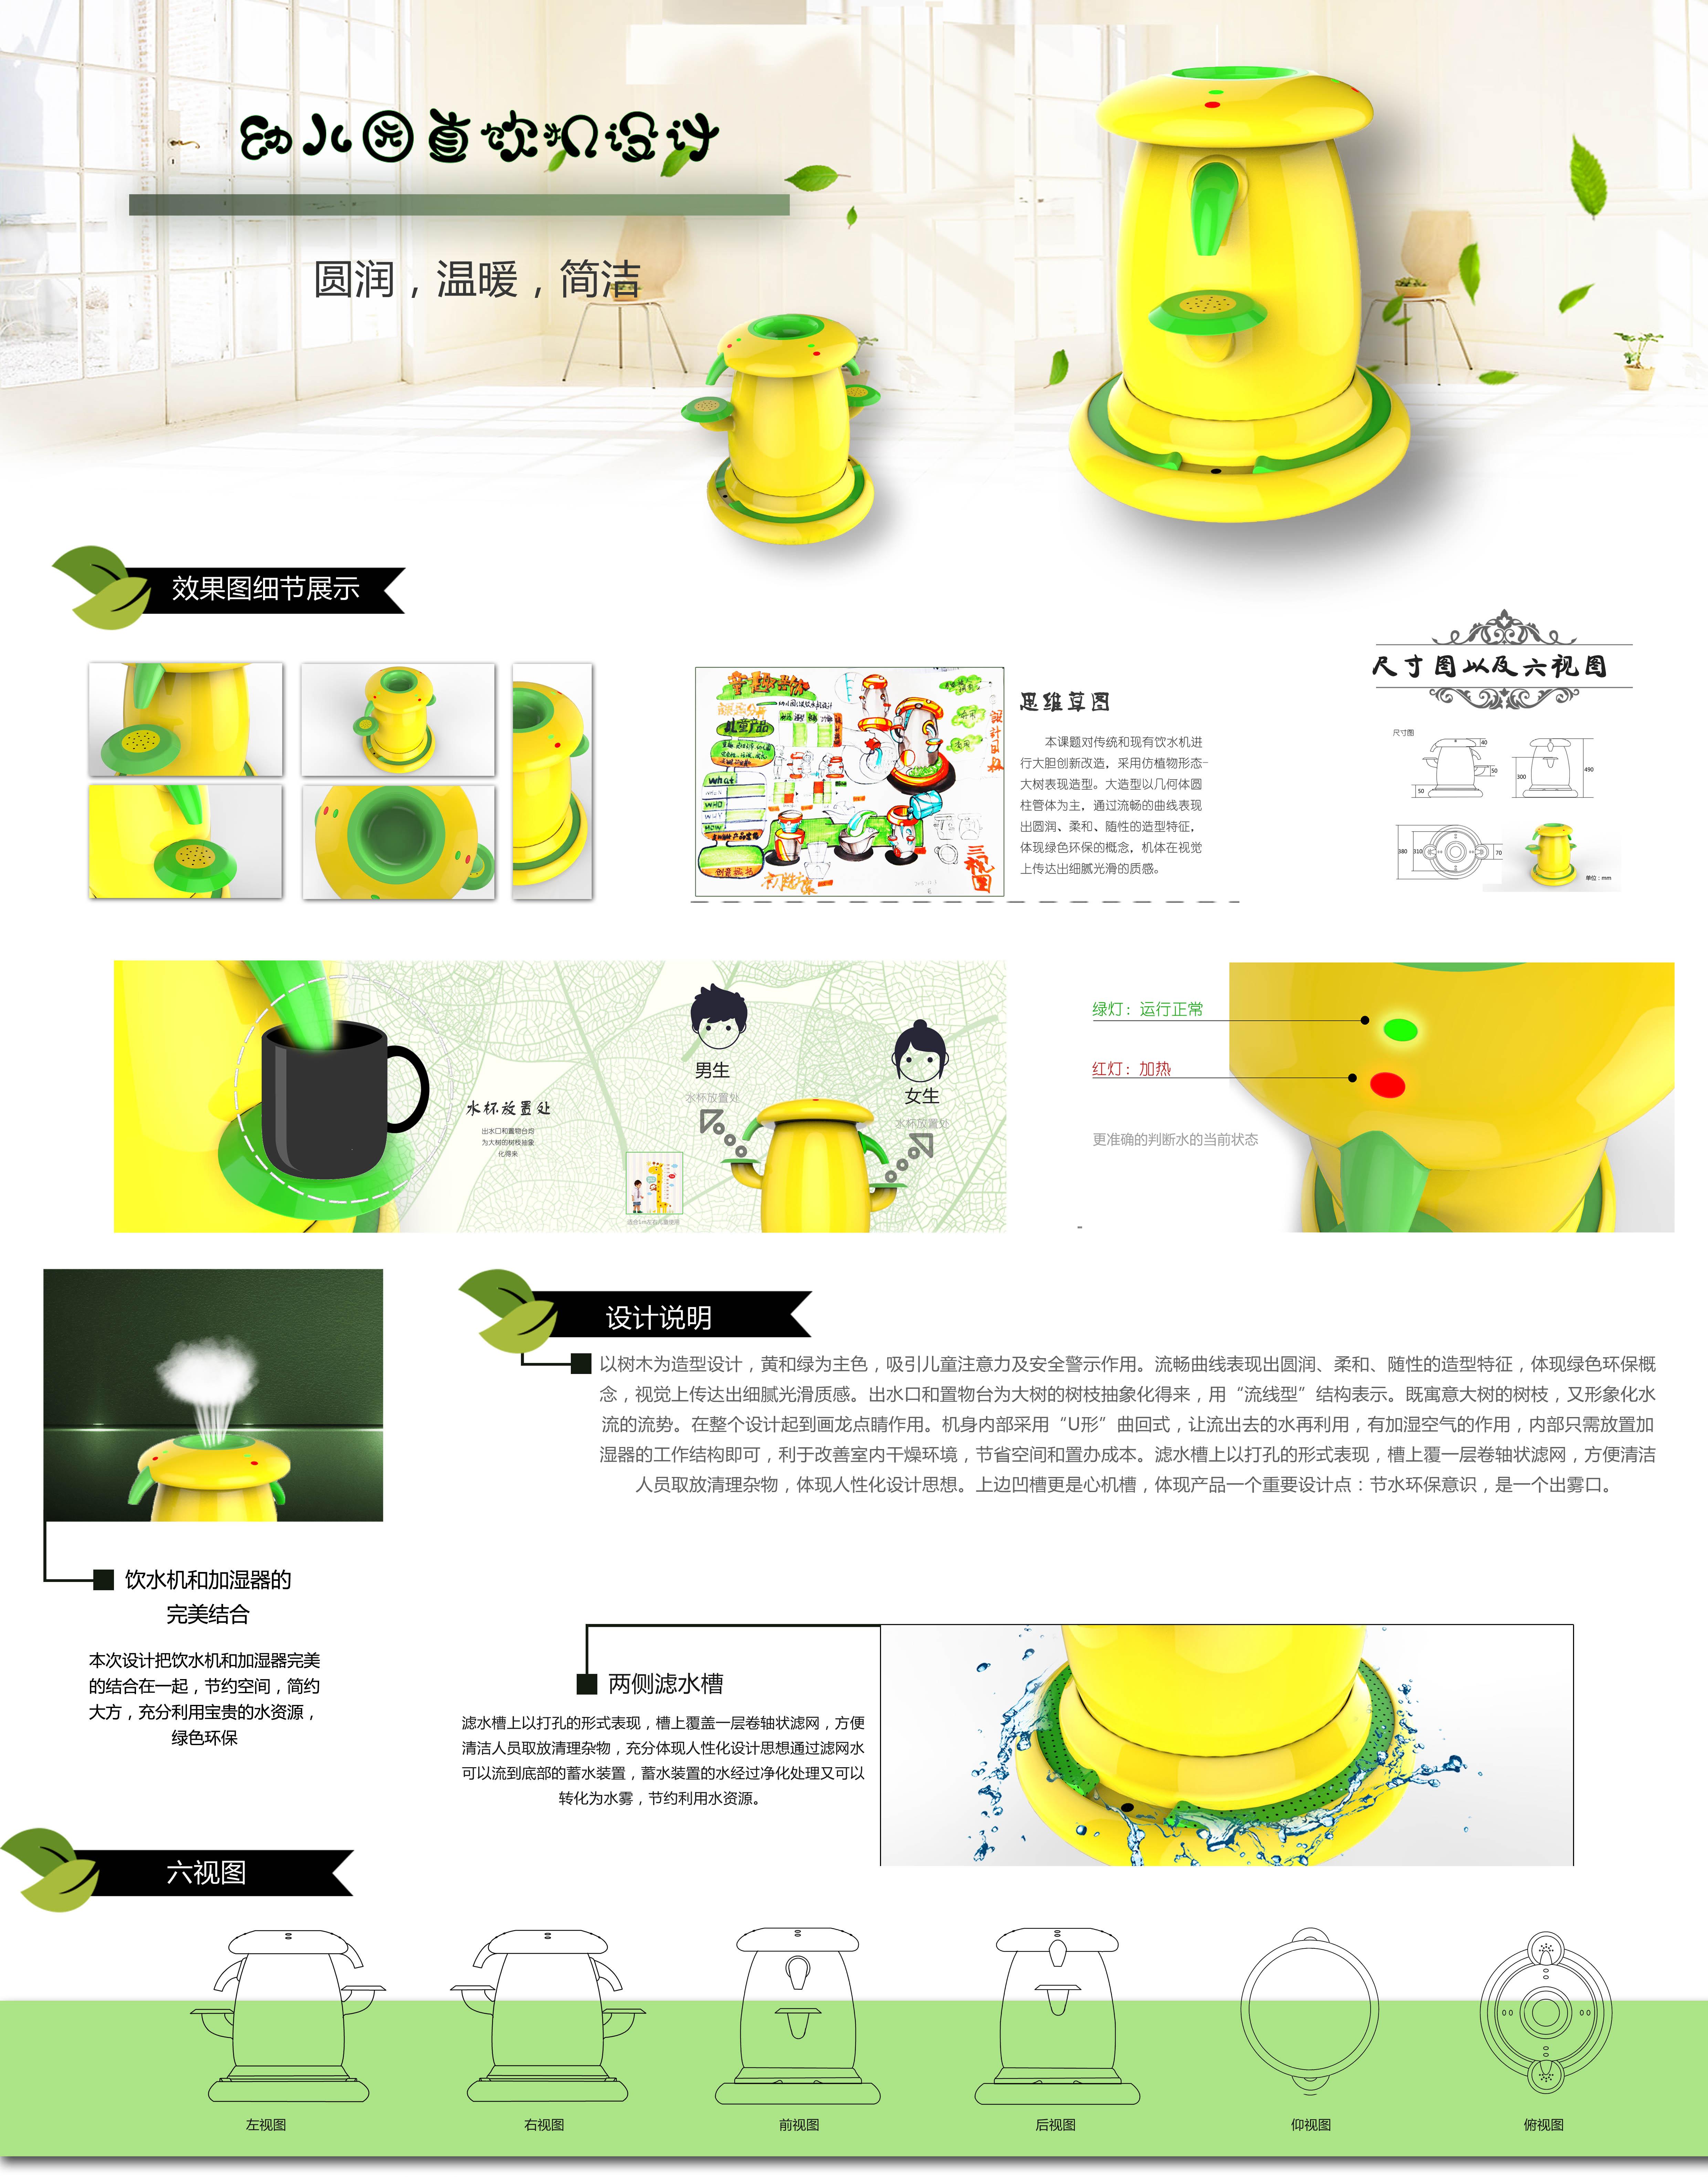 幼儿园饮水机设计/产品外观设计/毕业设计展板图片